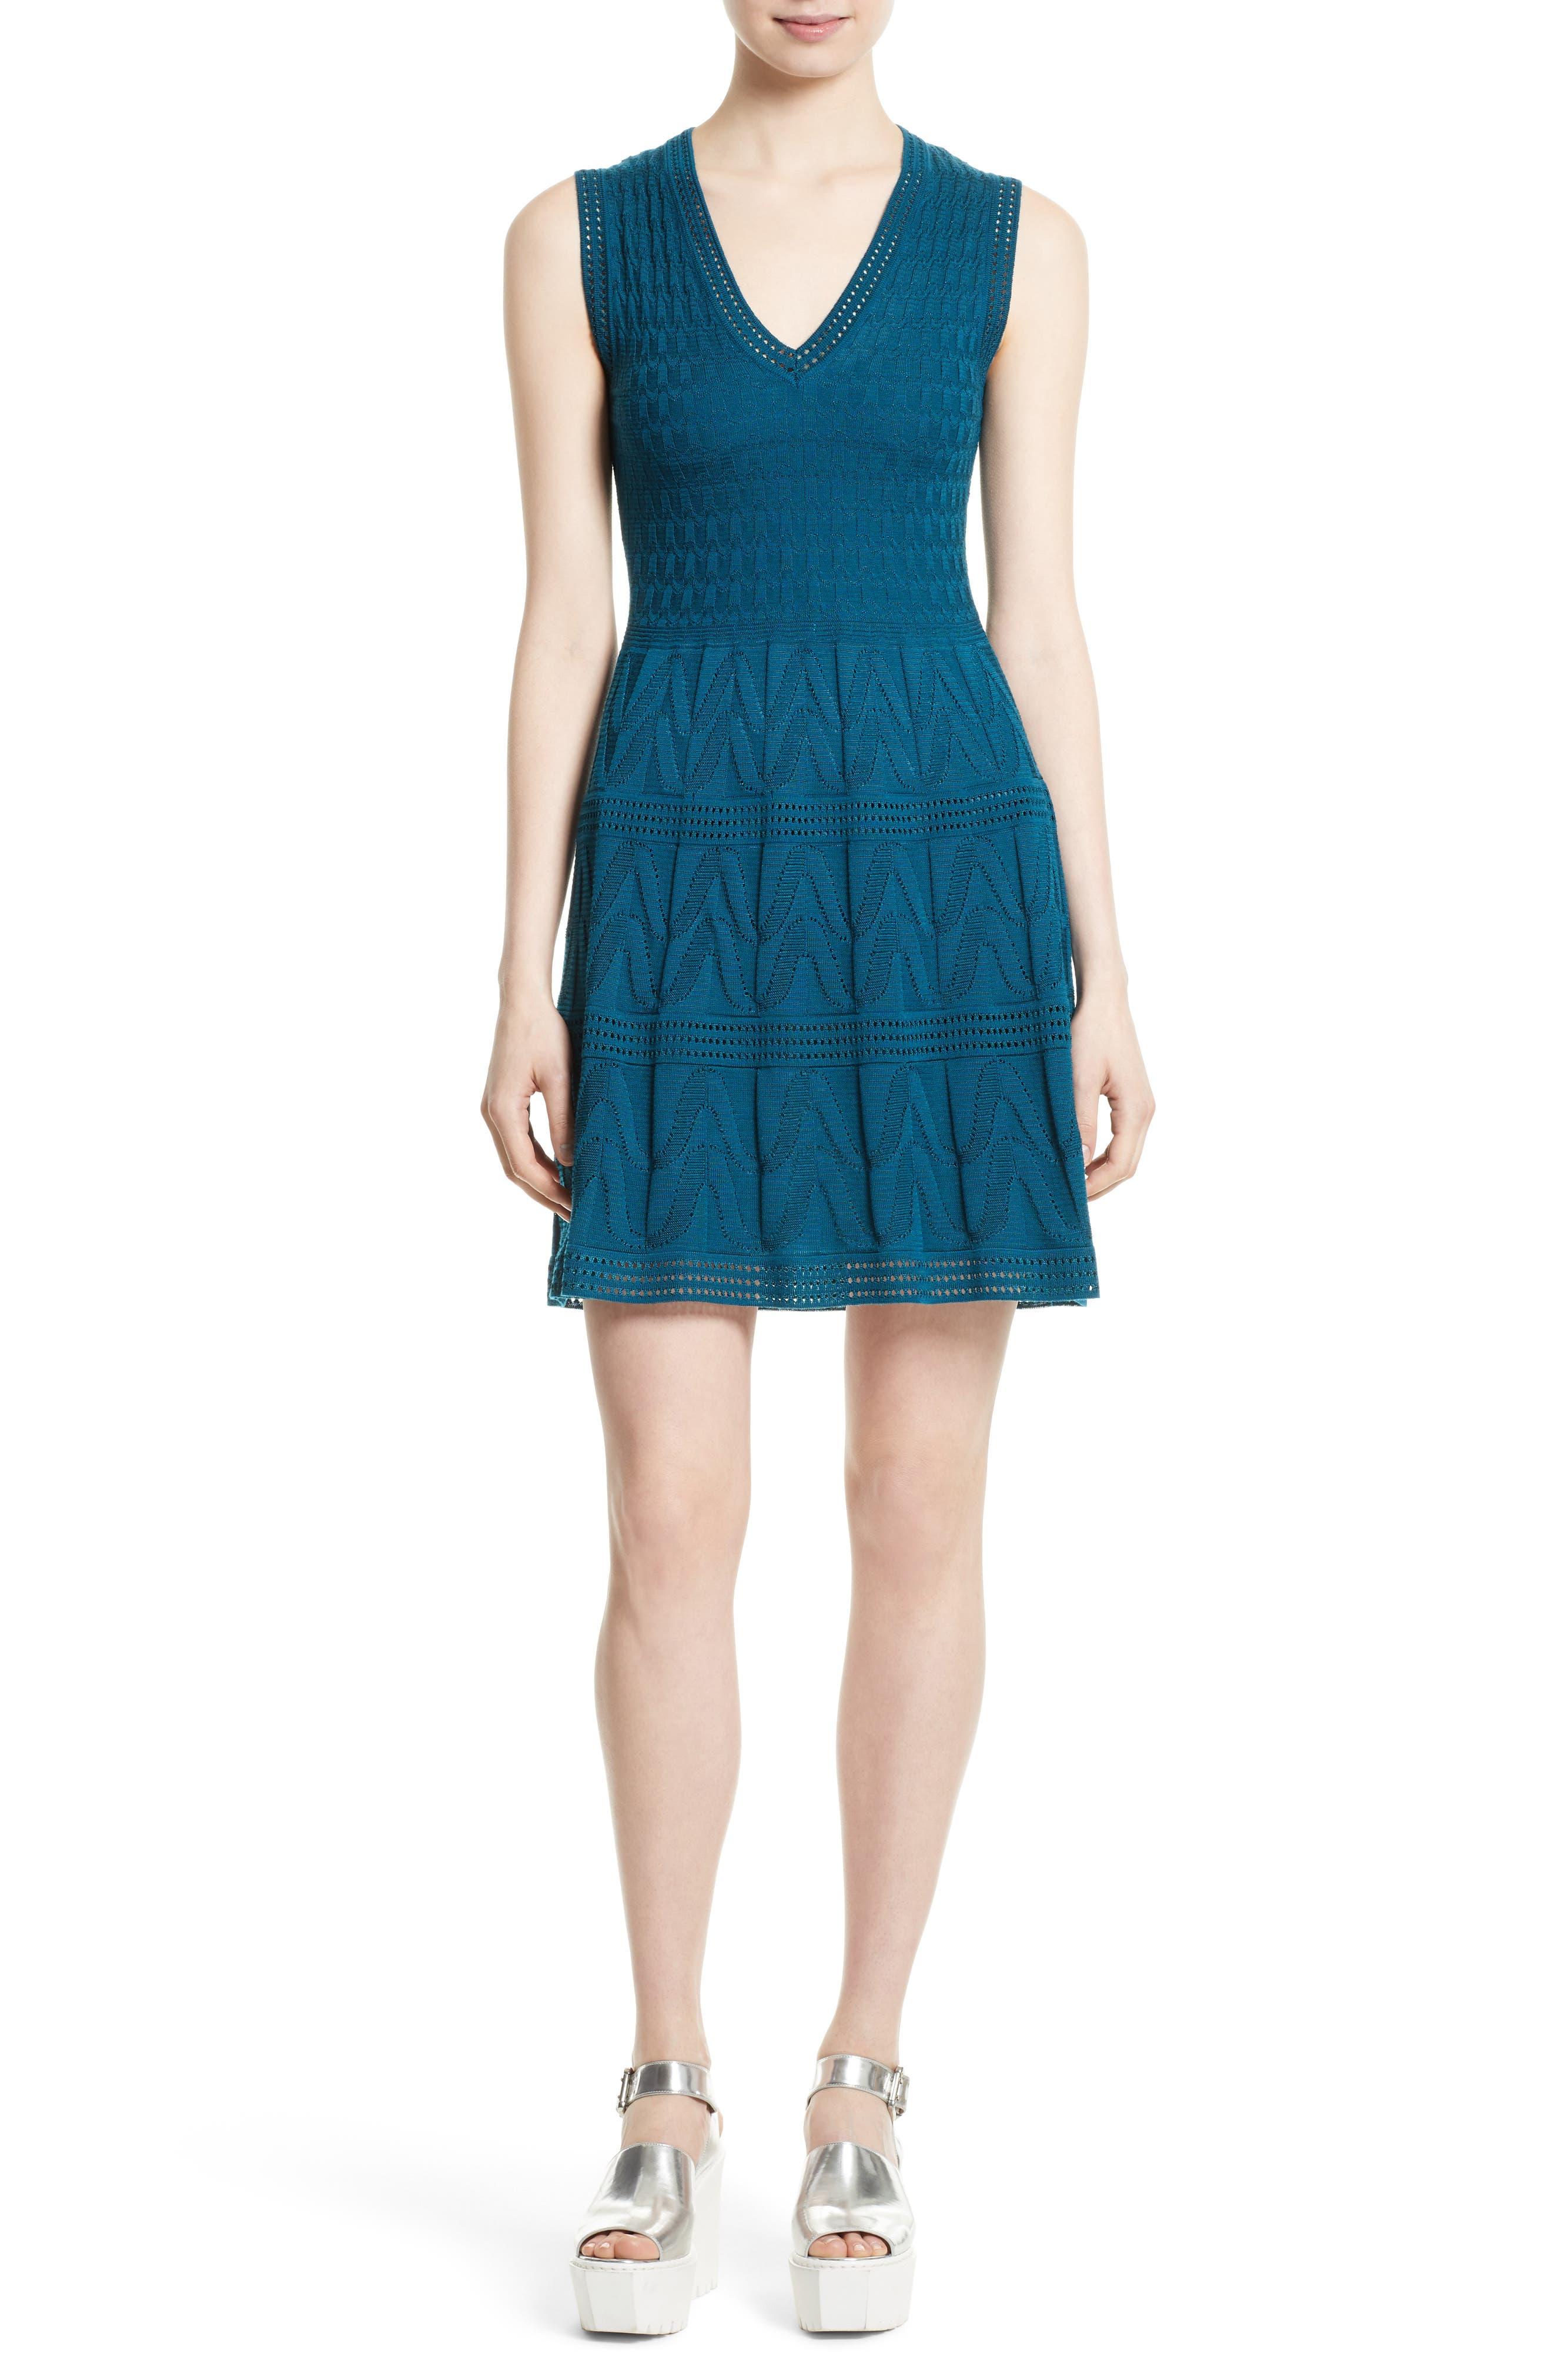 M MISSONI Knit Fit & Flare Dress